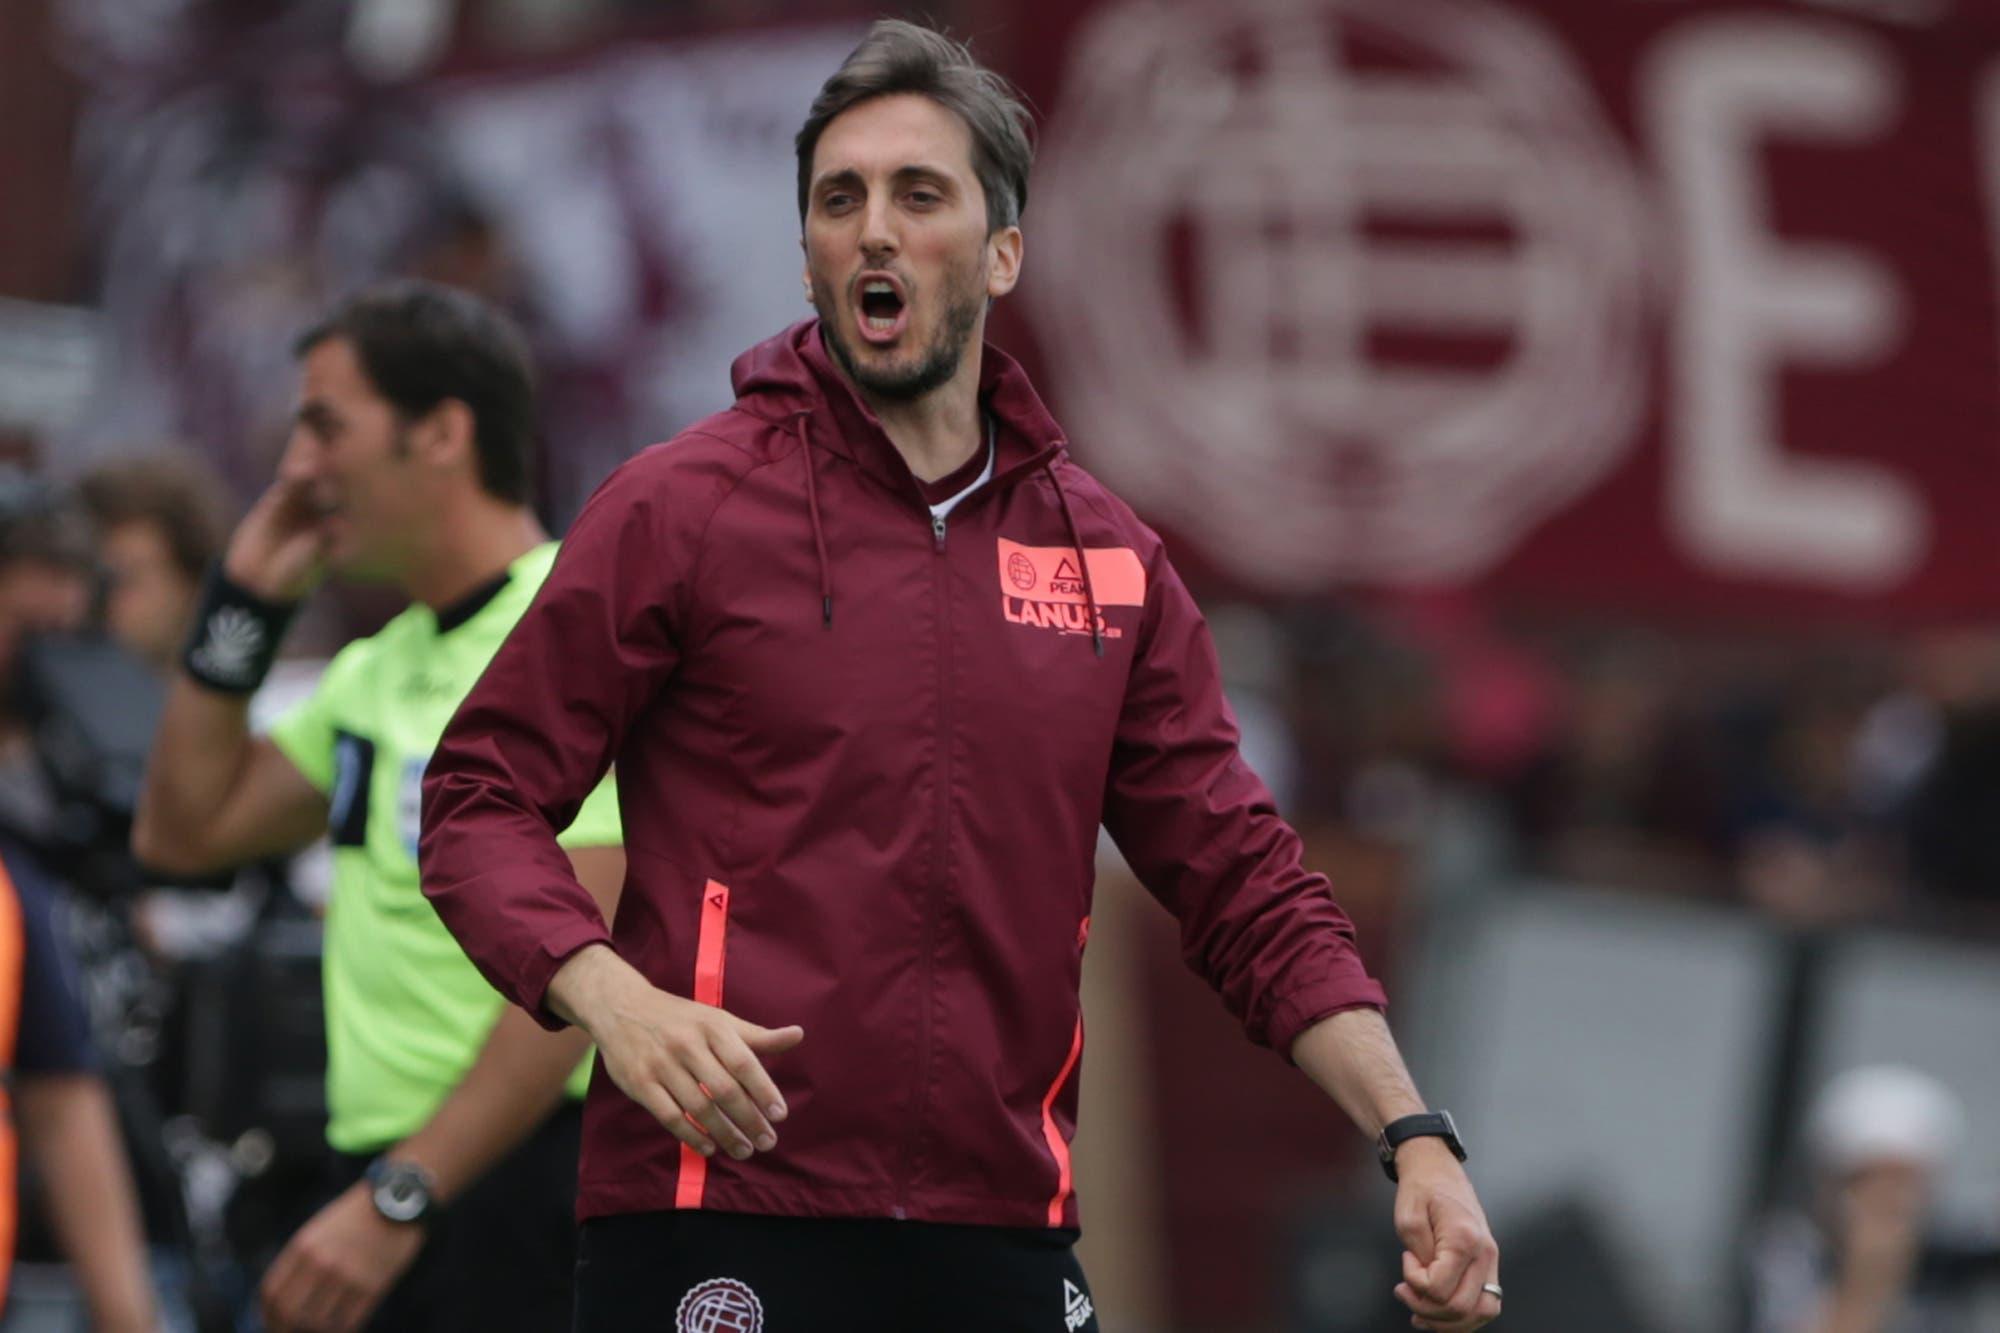 El futuro es hoy: Lanús se anima a pelear por la Superliga con el empuje de los juveniles